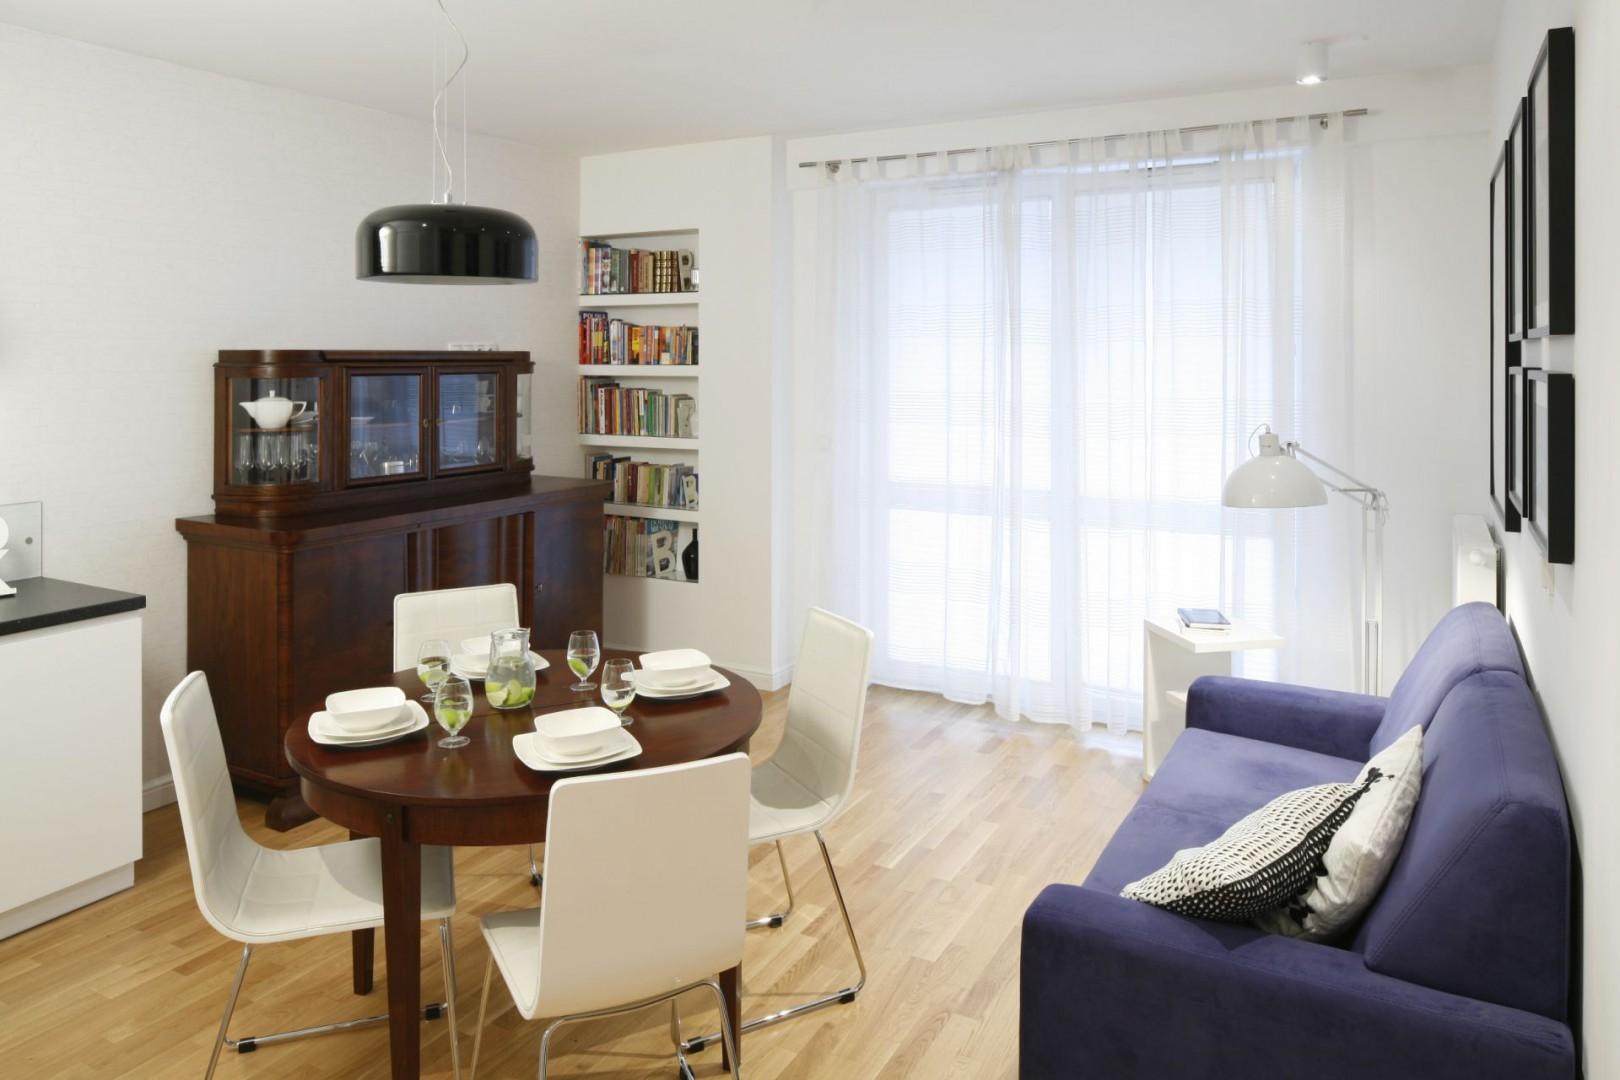 Wnętrze w klasycznym stylu, z okrągłym stołem. Projekt: Ewa Para. Fot. Bartosz Jarosz